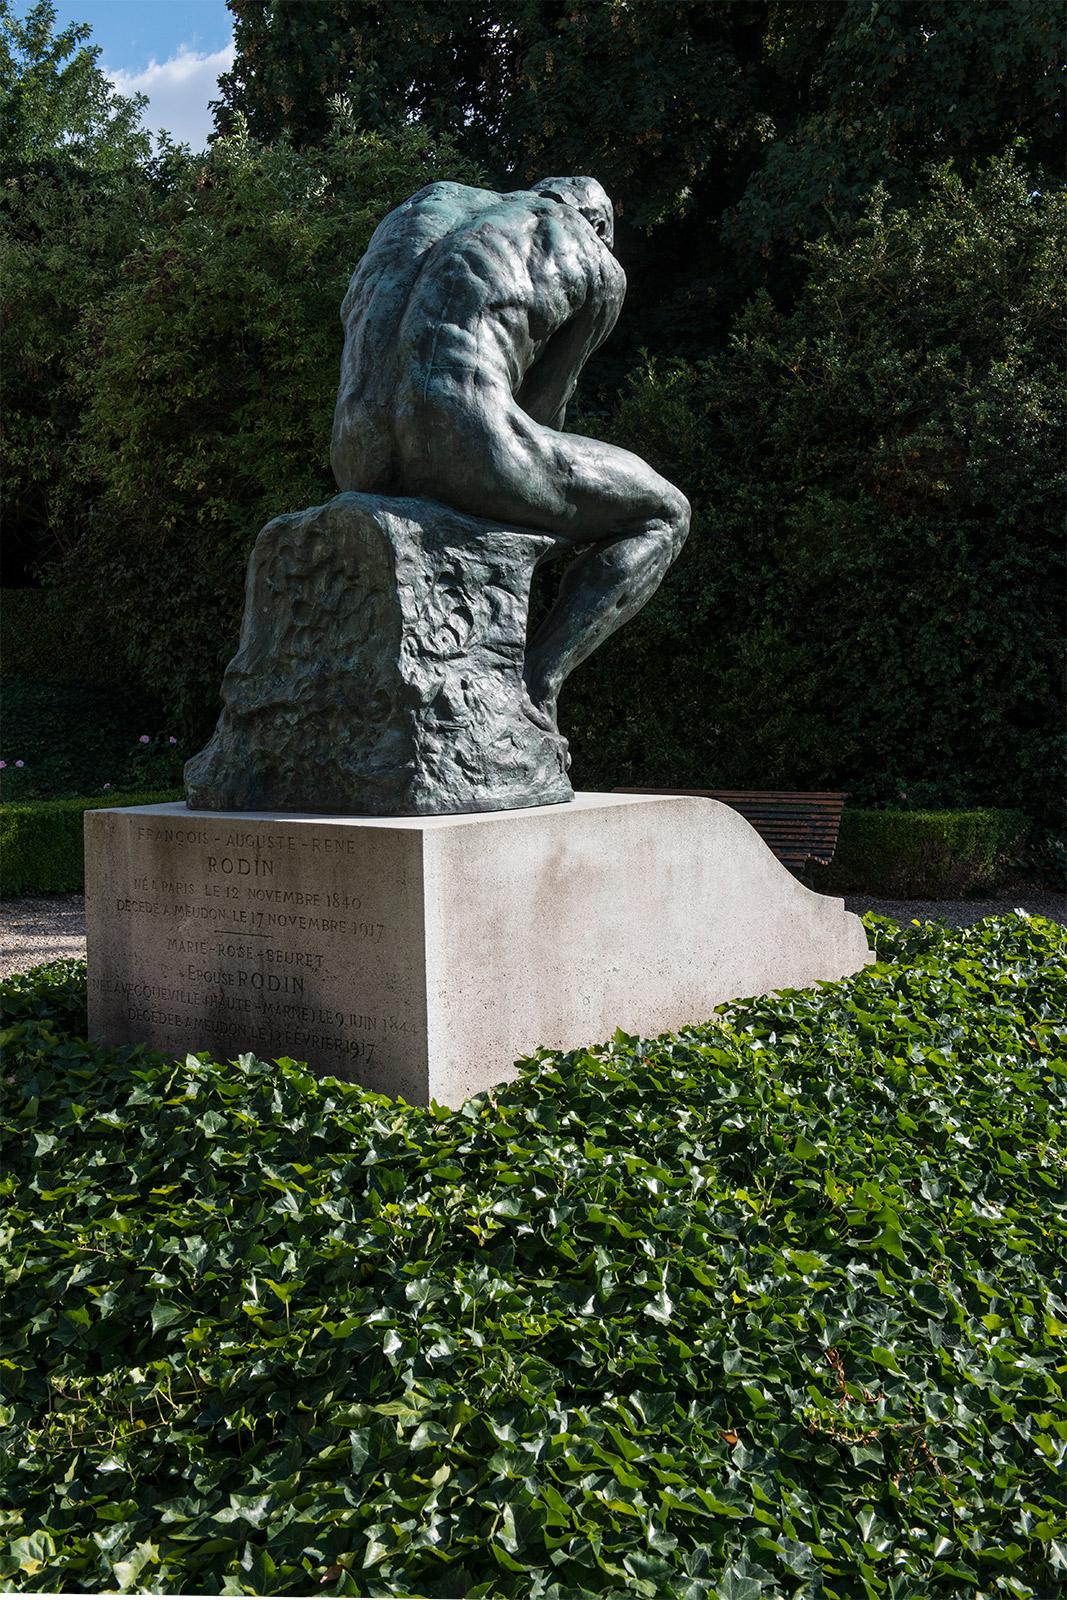 Le penseur sur la tombe d'Auguste Rodin